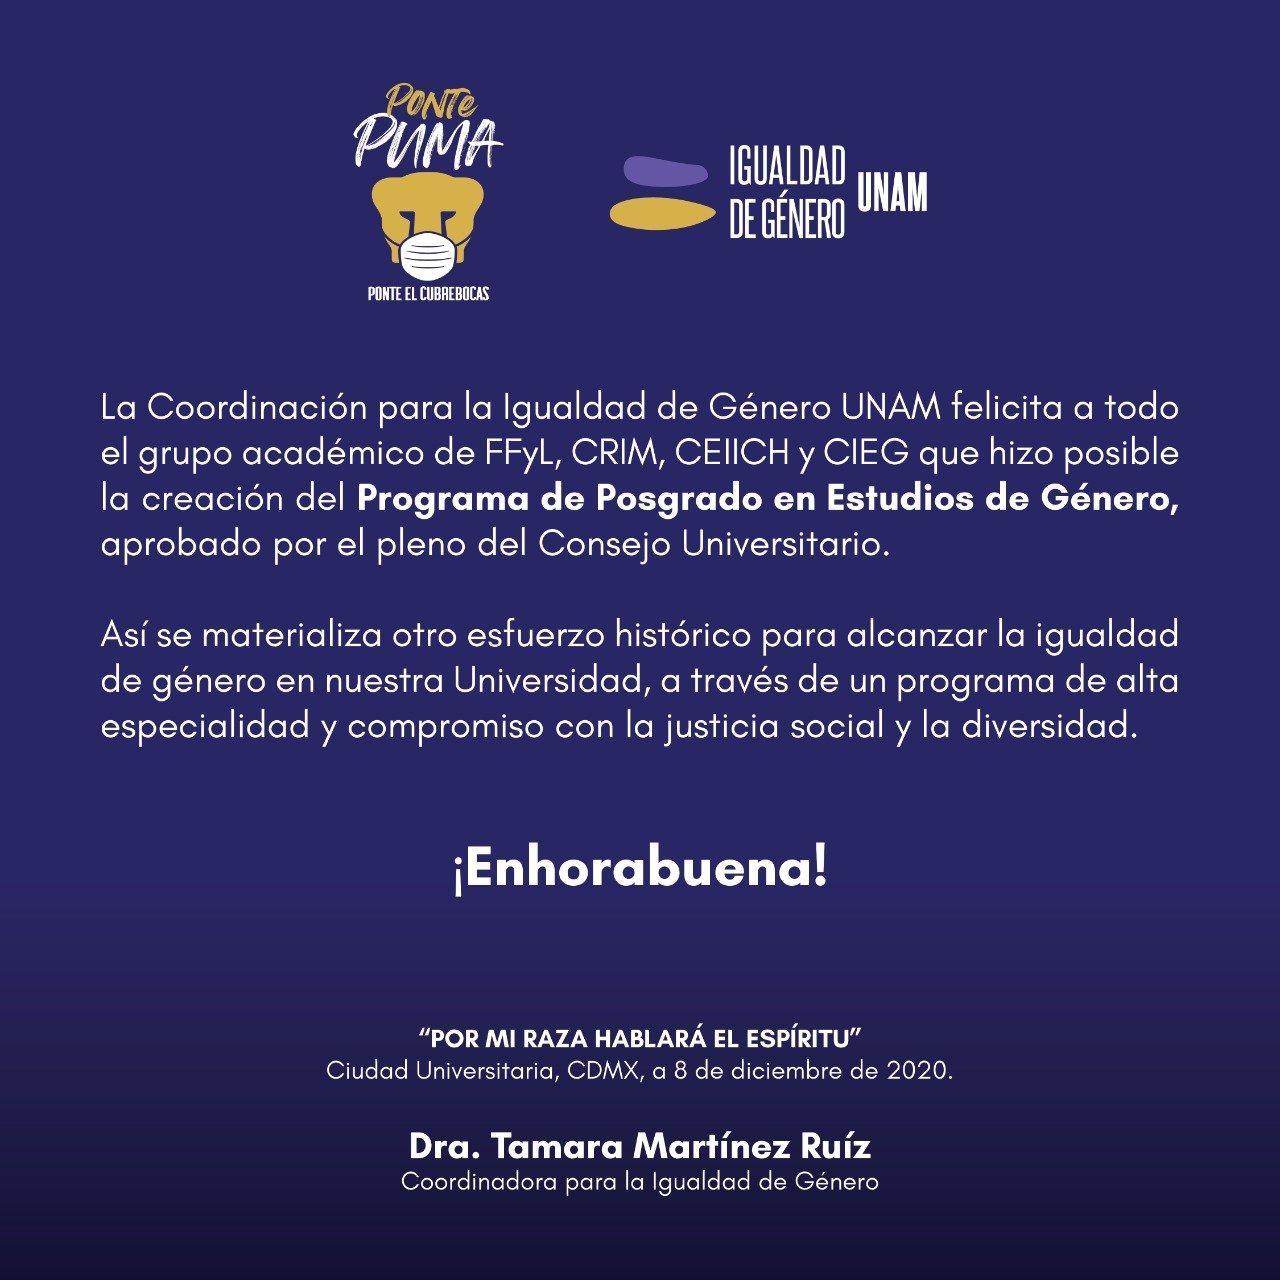 La Coordinación para la Igualdad de Género UNAM felicita a todo el grupo académico de FFYL, CRIM, CEIICH y CIEG que hizo posible la creación del  Programa de Posgrado en Estudios de Género, aprobado por el pleno del Consejo Universitario.  Así se materializa otro esfuerzo histórico para alcanzar la igualdad de género en nuestra Universidad, a través de un programa de alta especialidad y compromiso con la justicia social y la diversidad.  ¡Enhorabuena!